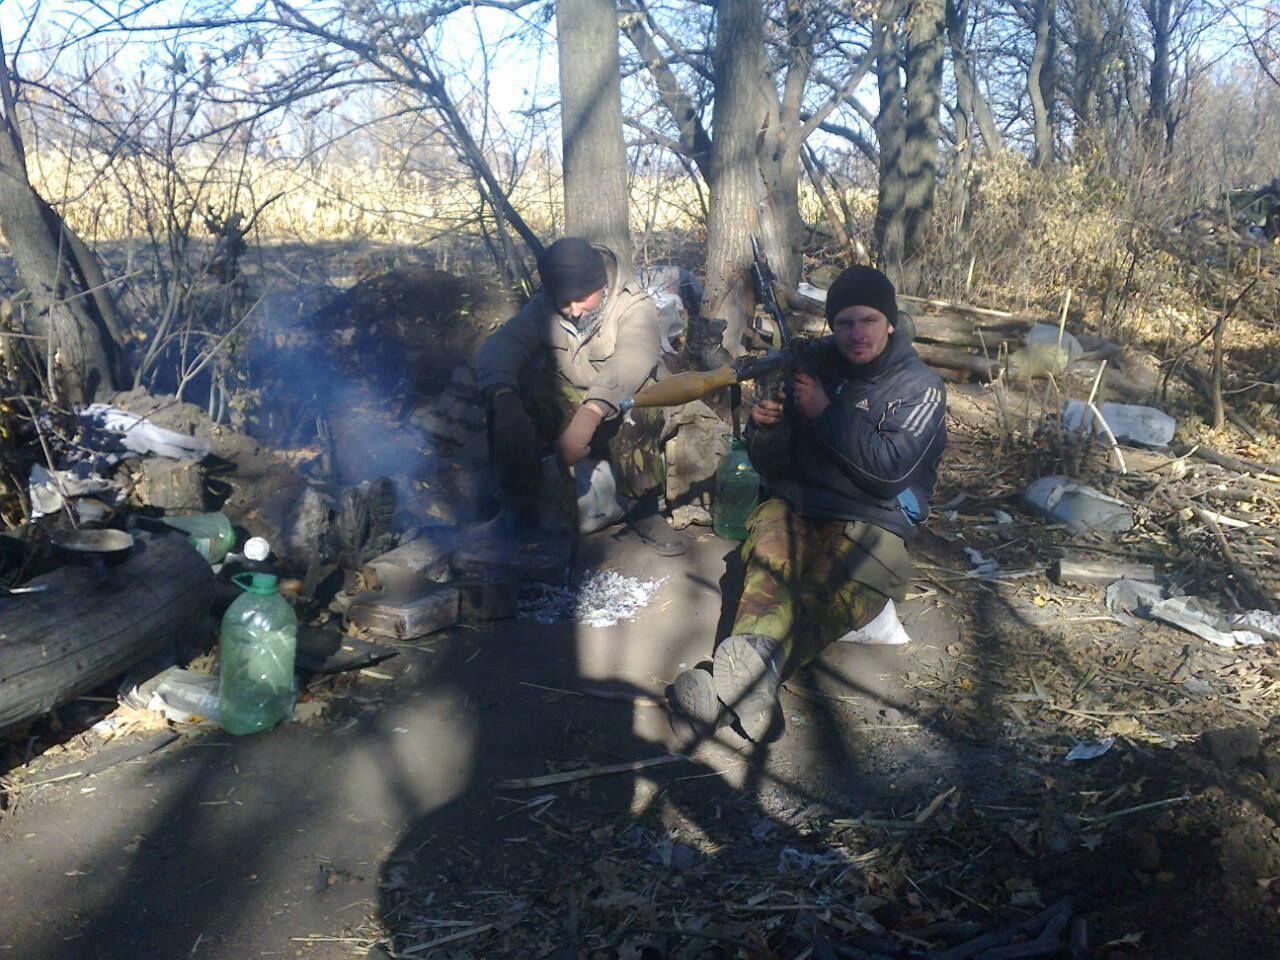 Во время прорыва к 32 блокпосту погибли по меньшей мере 8 украинских бойцов, — Бутусов